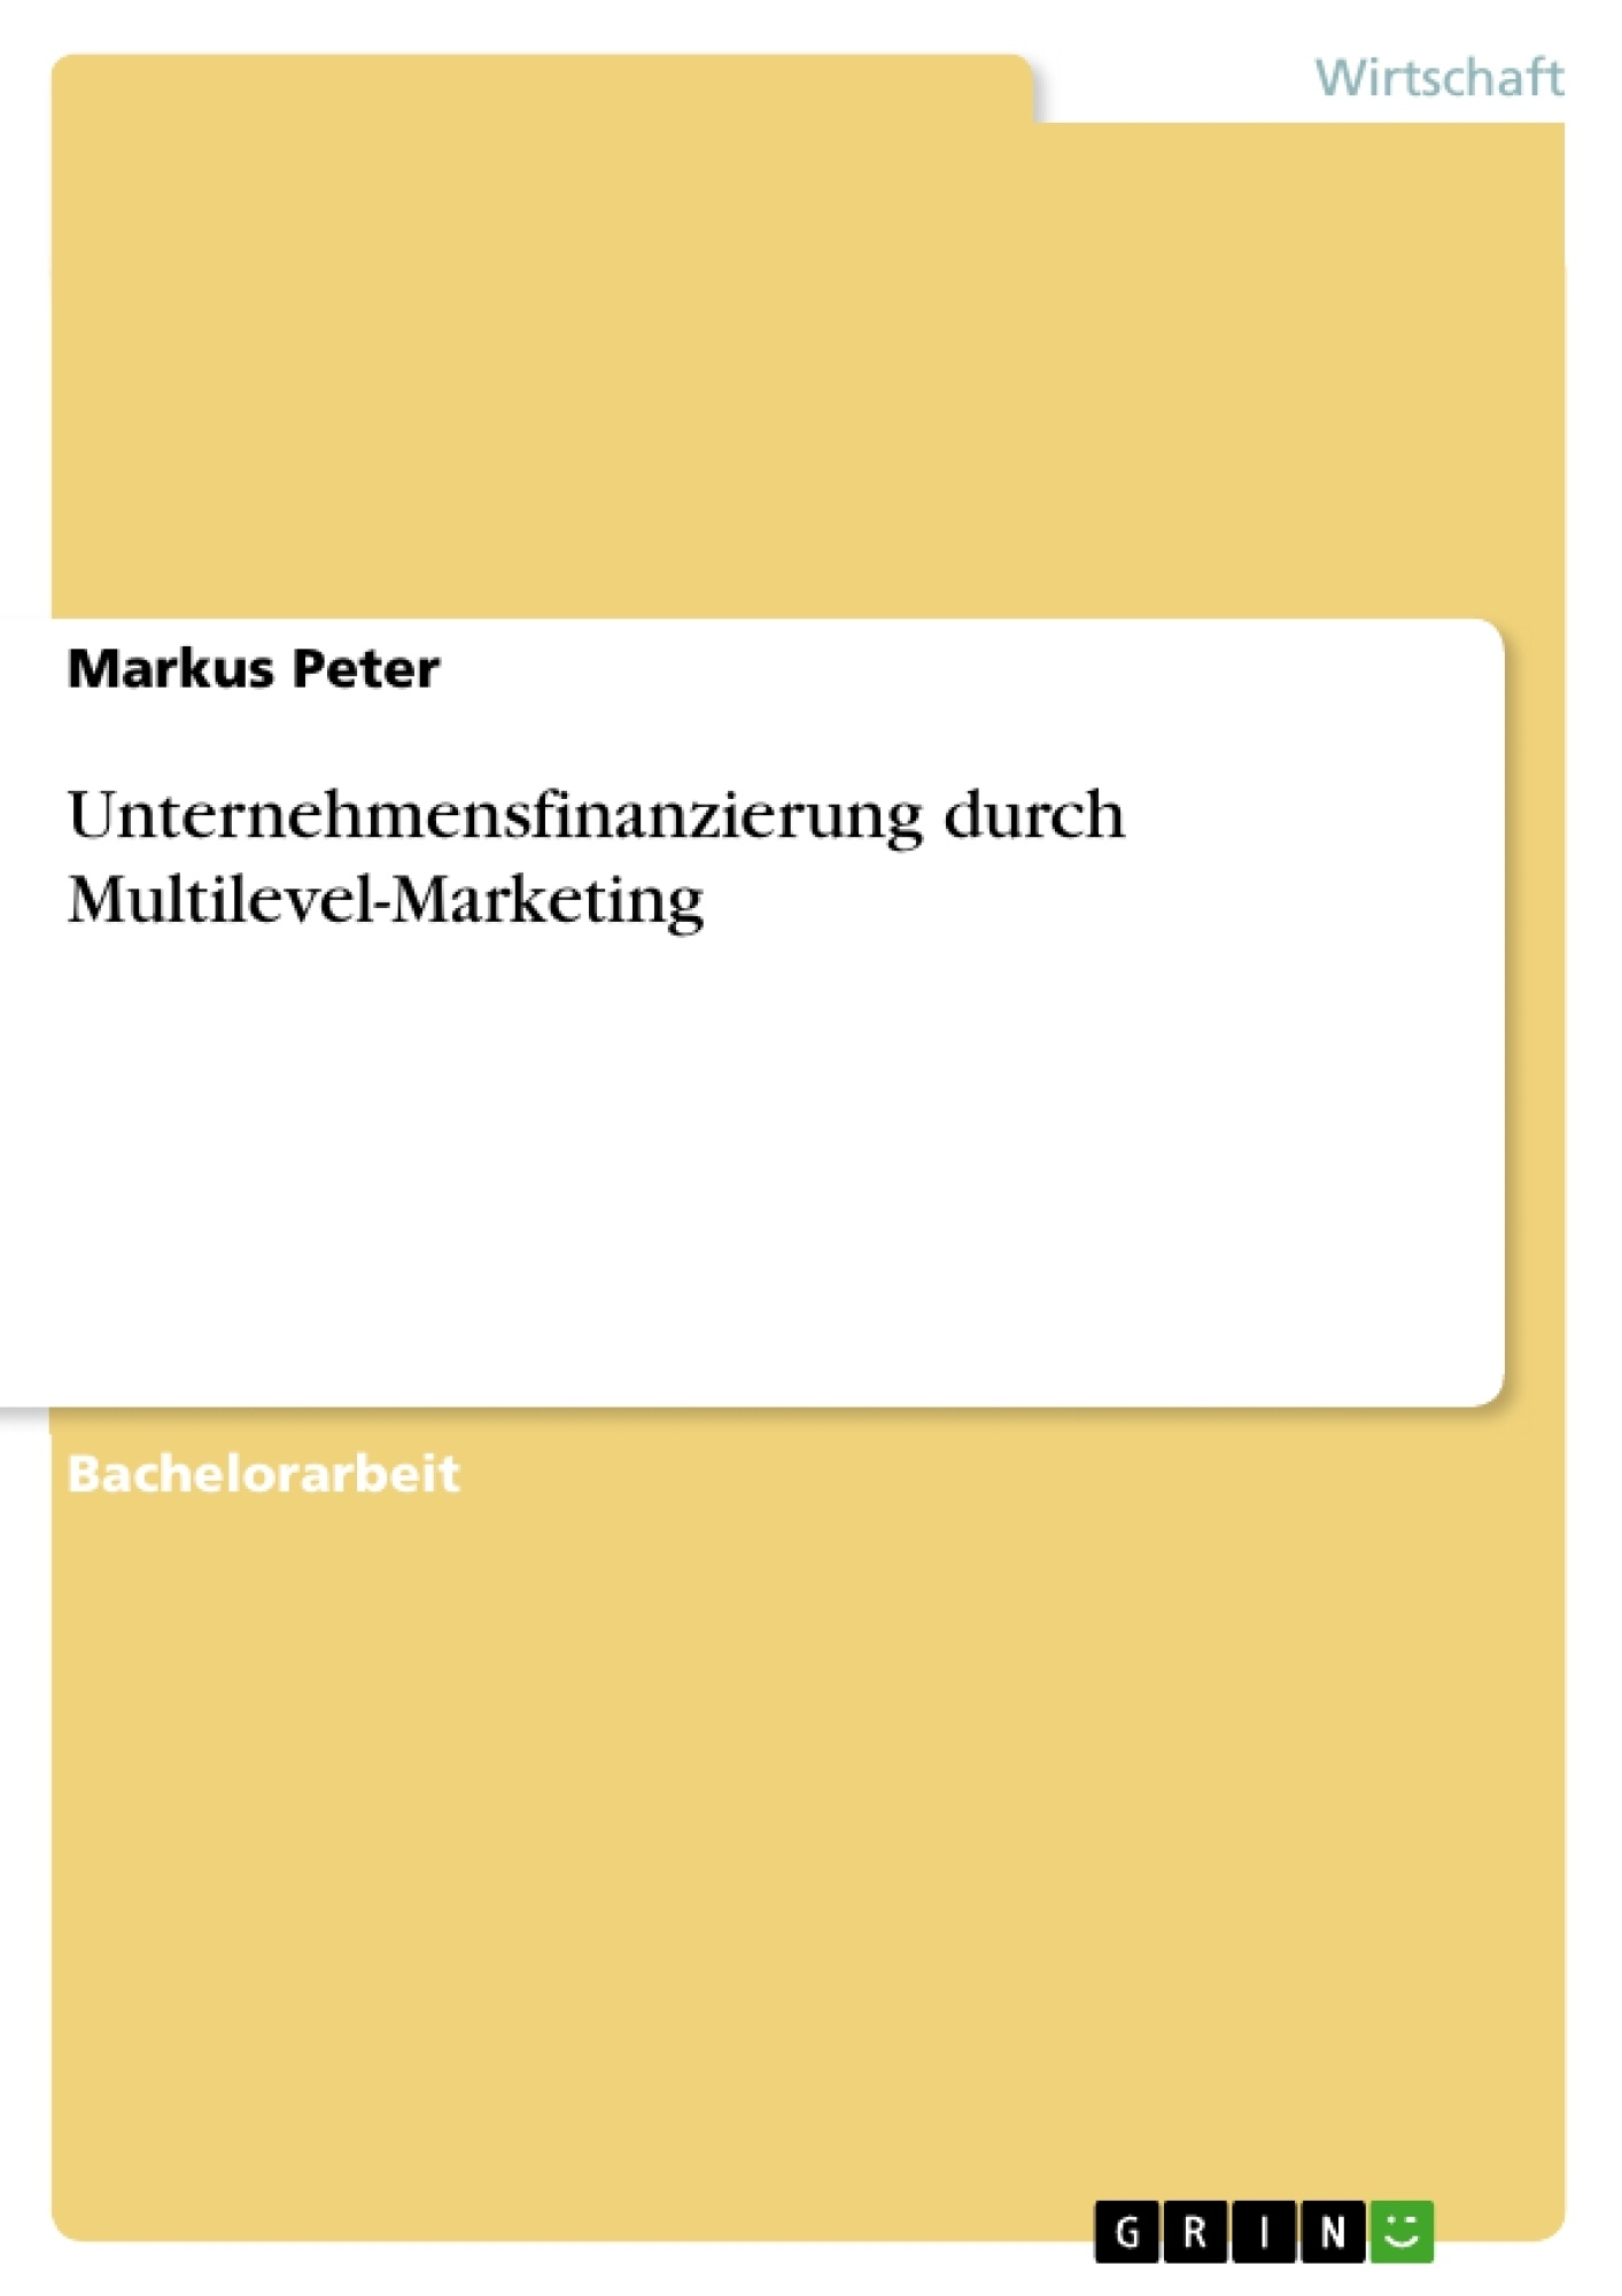 Titel: Unternehmensfinanzierung durch Multilevel-Marketing